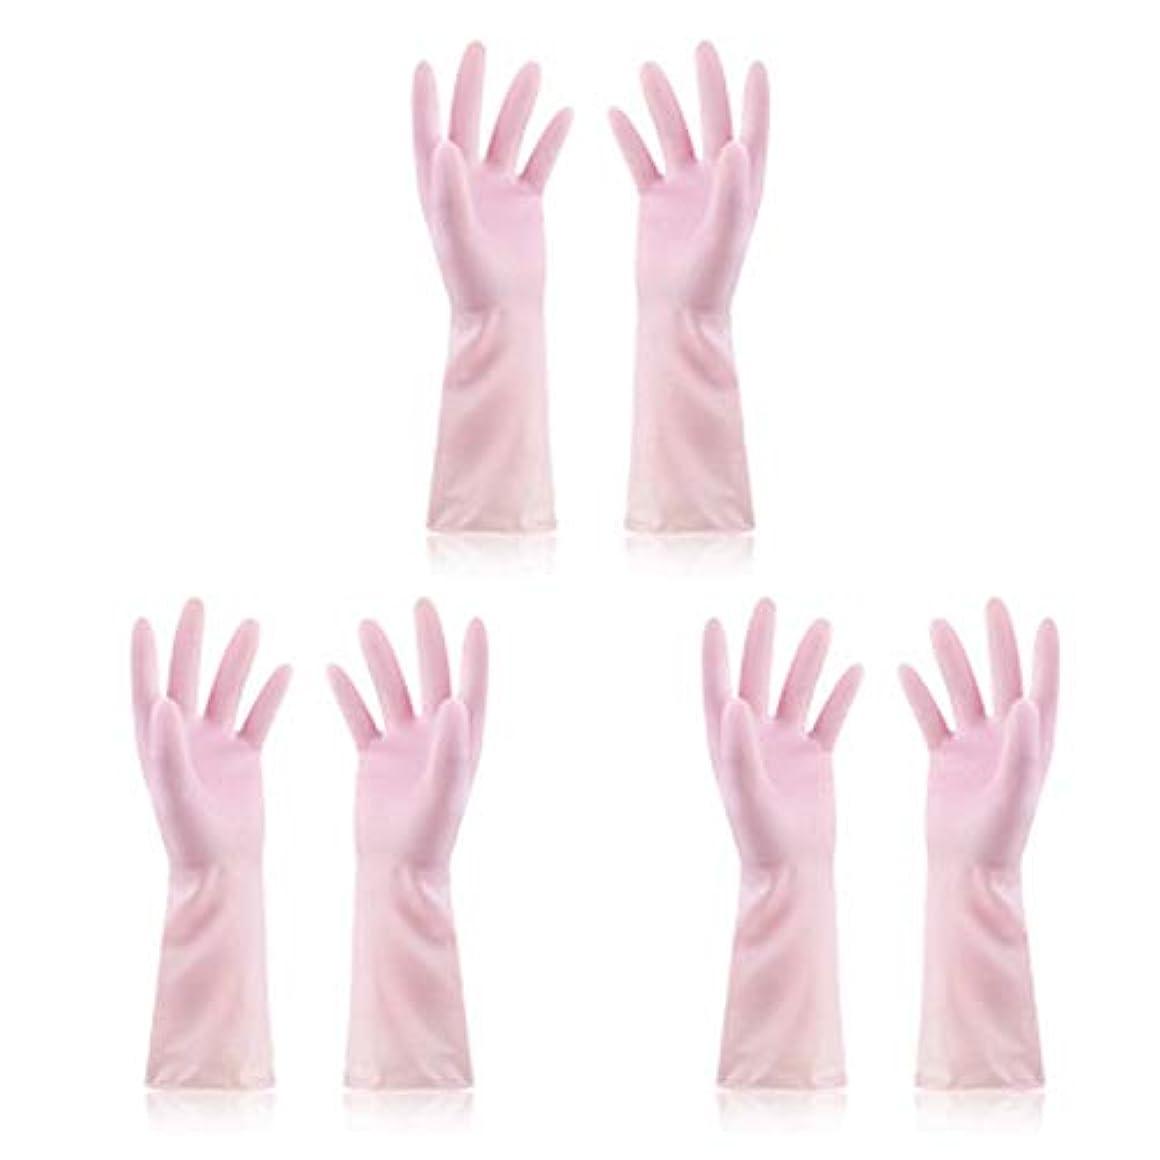 雑多なポップ均等にニトリルゴム手袋 使い捨て手袋防水ラテックス焦げ付き防止ゴム製ゴム製台所手袋、3組 使い捨て手袋 (Color : Pink, Size : M)